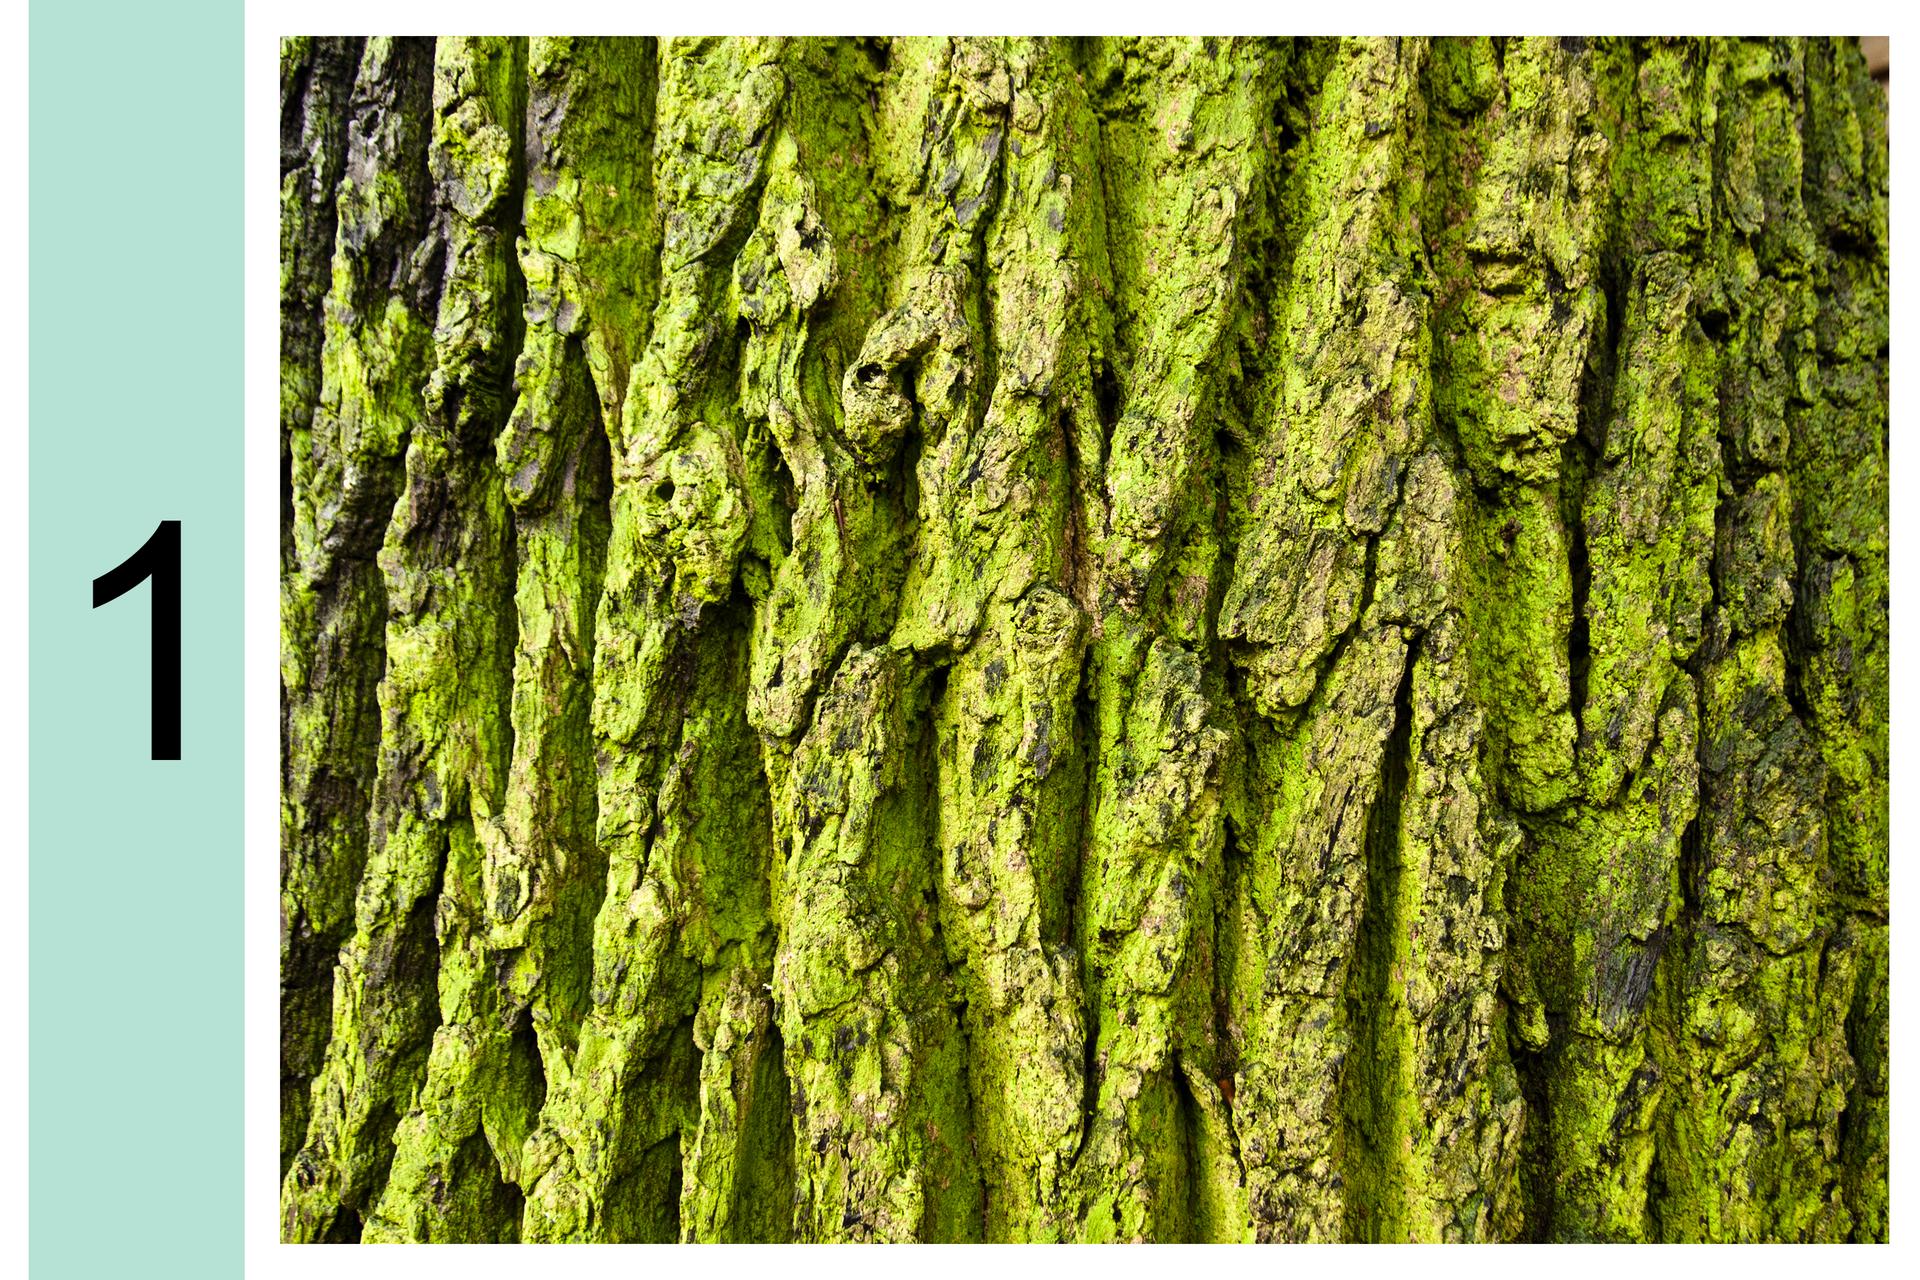 Fotografia prezentuje stopień 1 wskali porostowej. Na korze drzewa zielone glony nadrzewne.